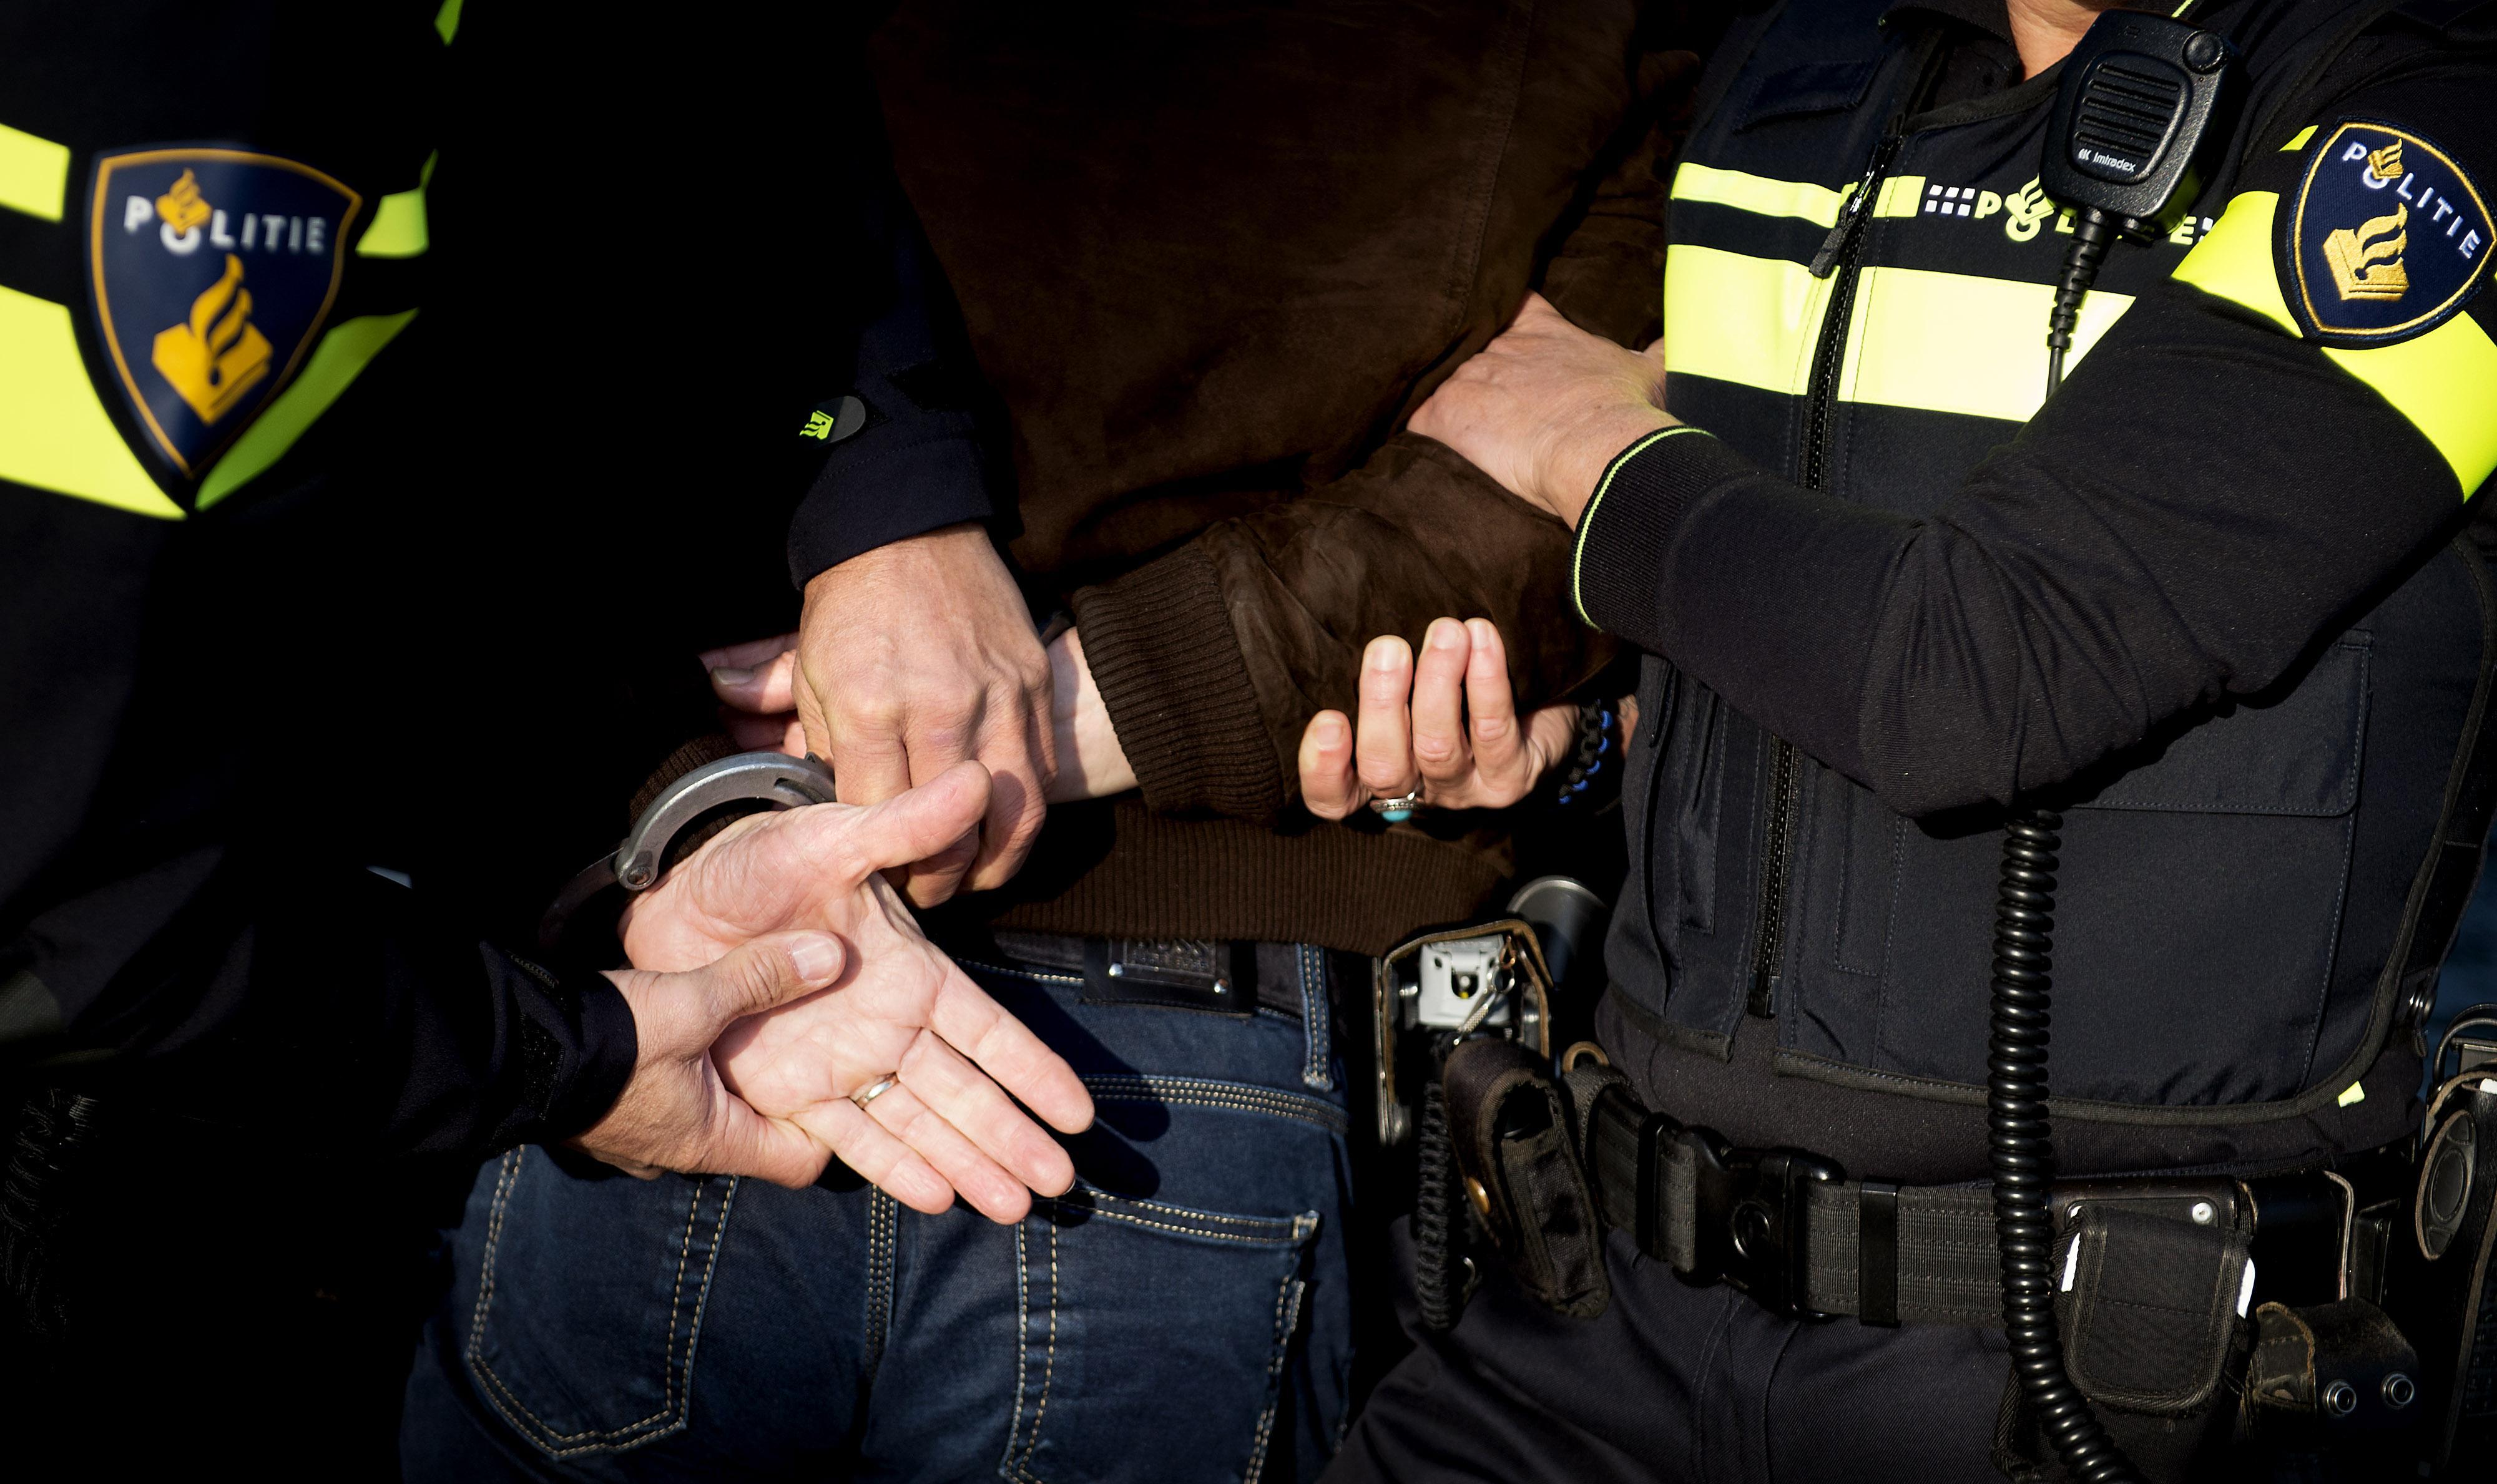 GGD: politie onderzoekt of ook inwoners van Hollands Midden slachtoffer zijn van diefstal persoonsgegevens